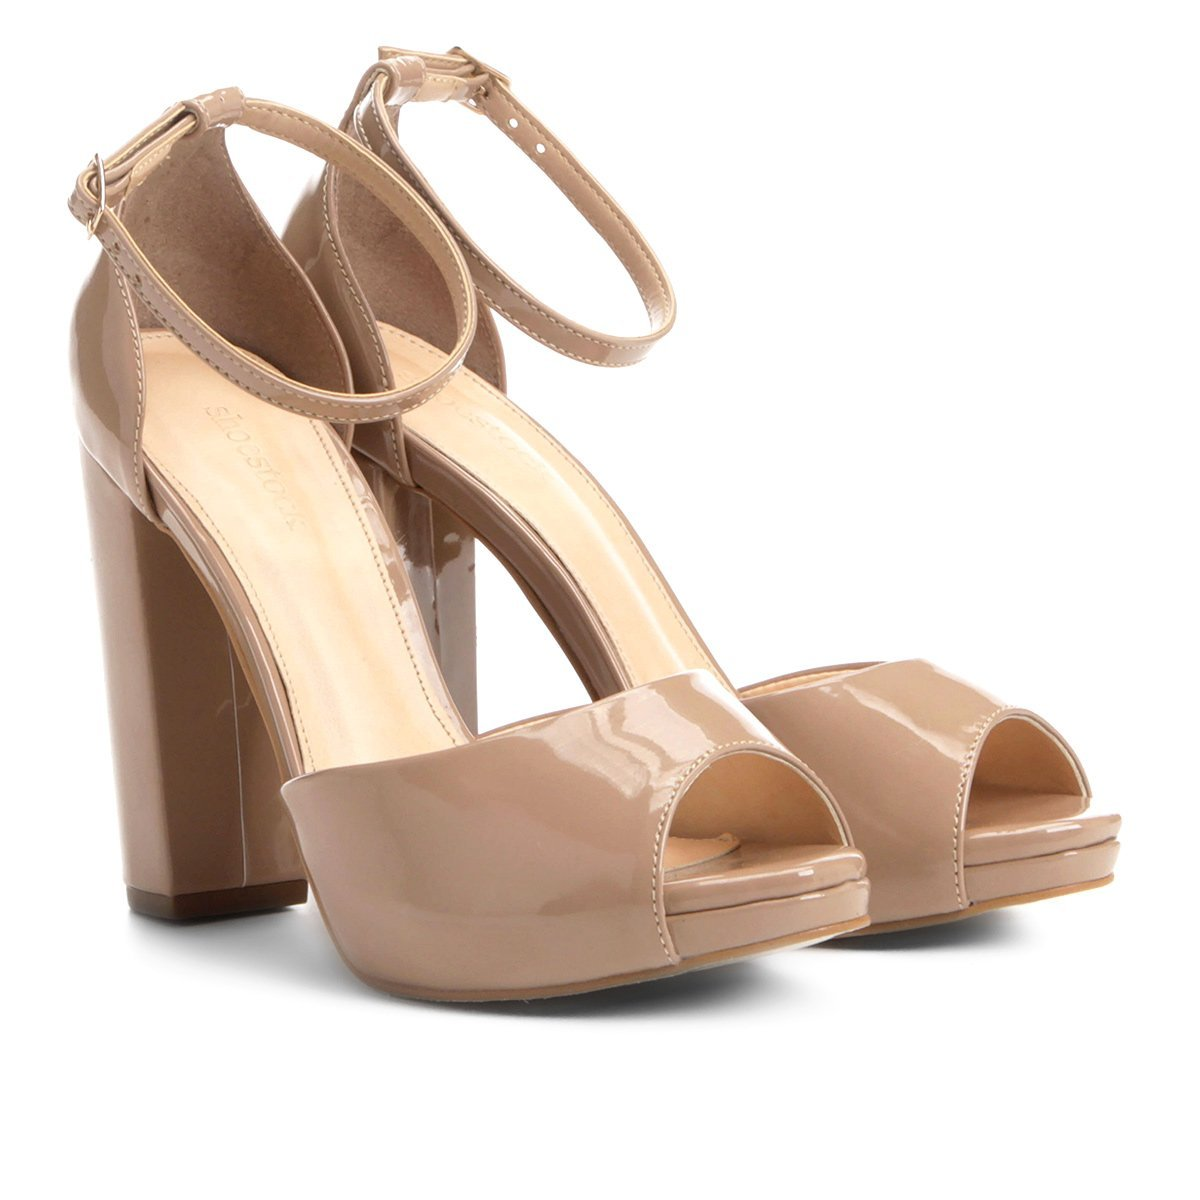 569522d08 Sandália Shoestock Meia Pata Salto Grosso Feminina | Shoestock